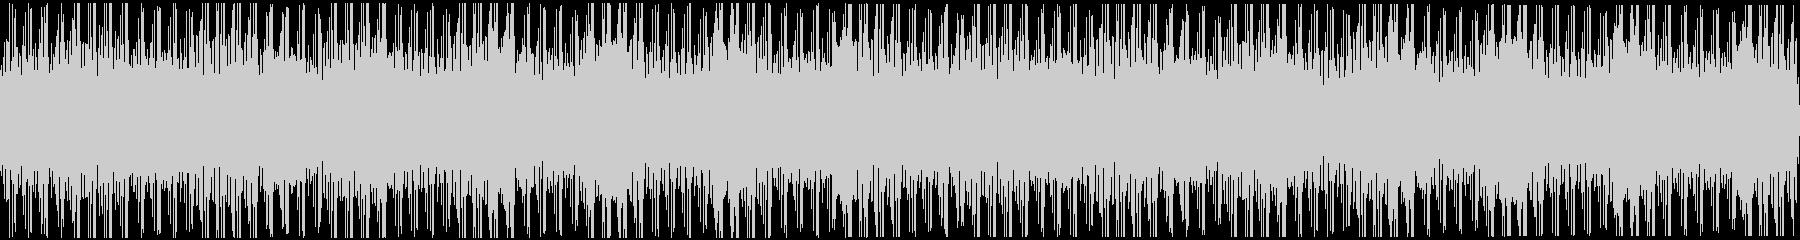 木琴の幻想的なBGM ラジオ・トーク等にの未再生の波形